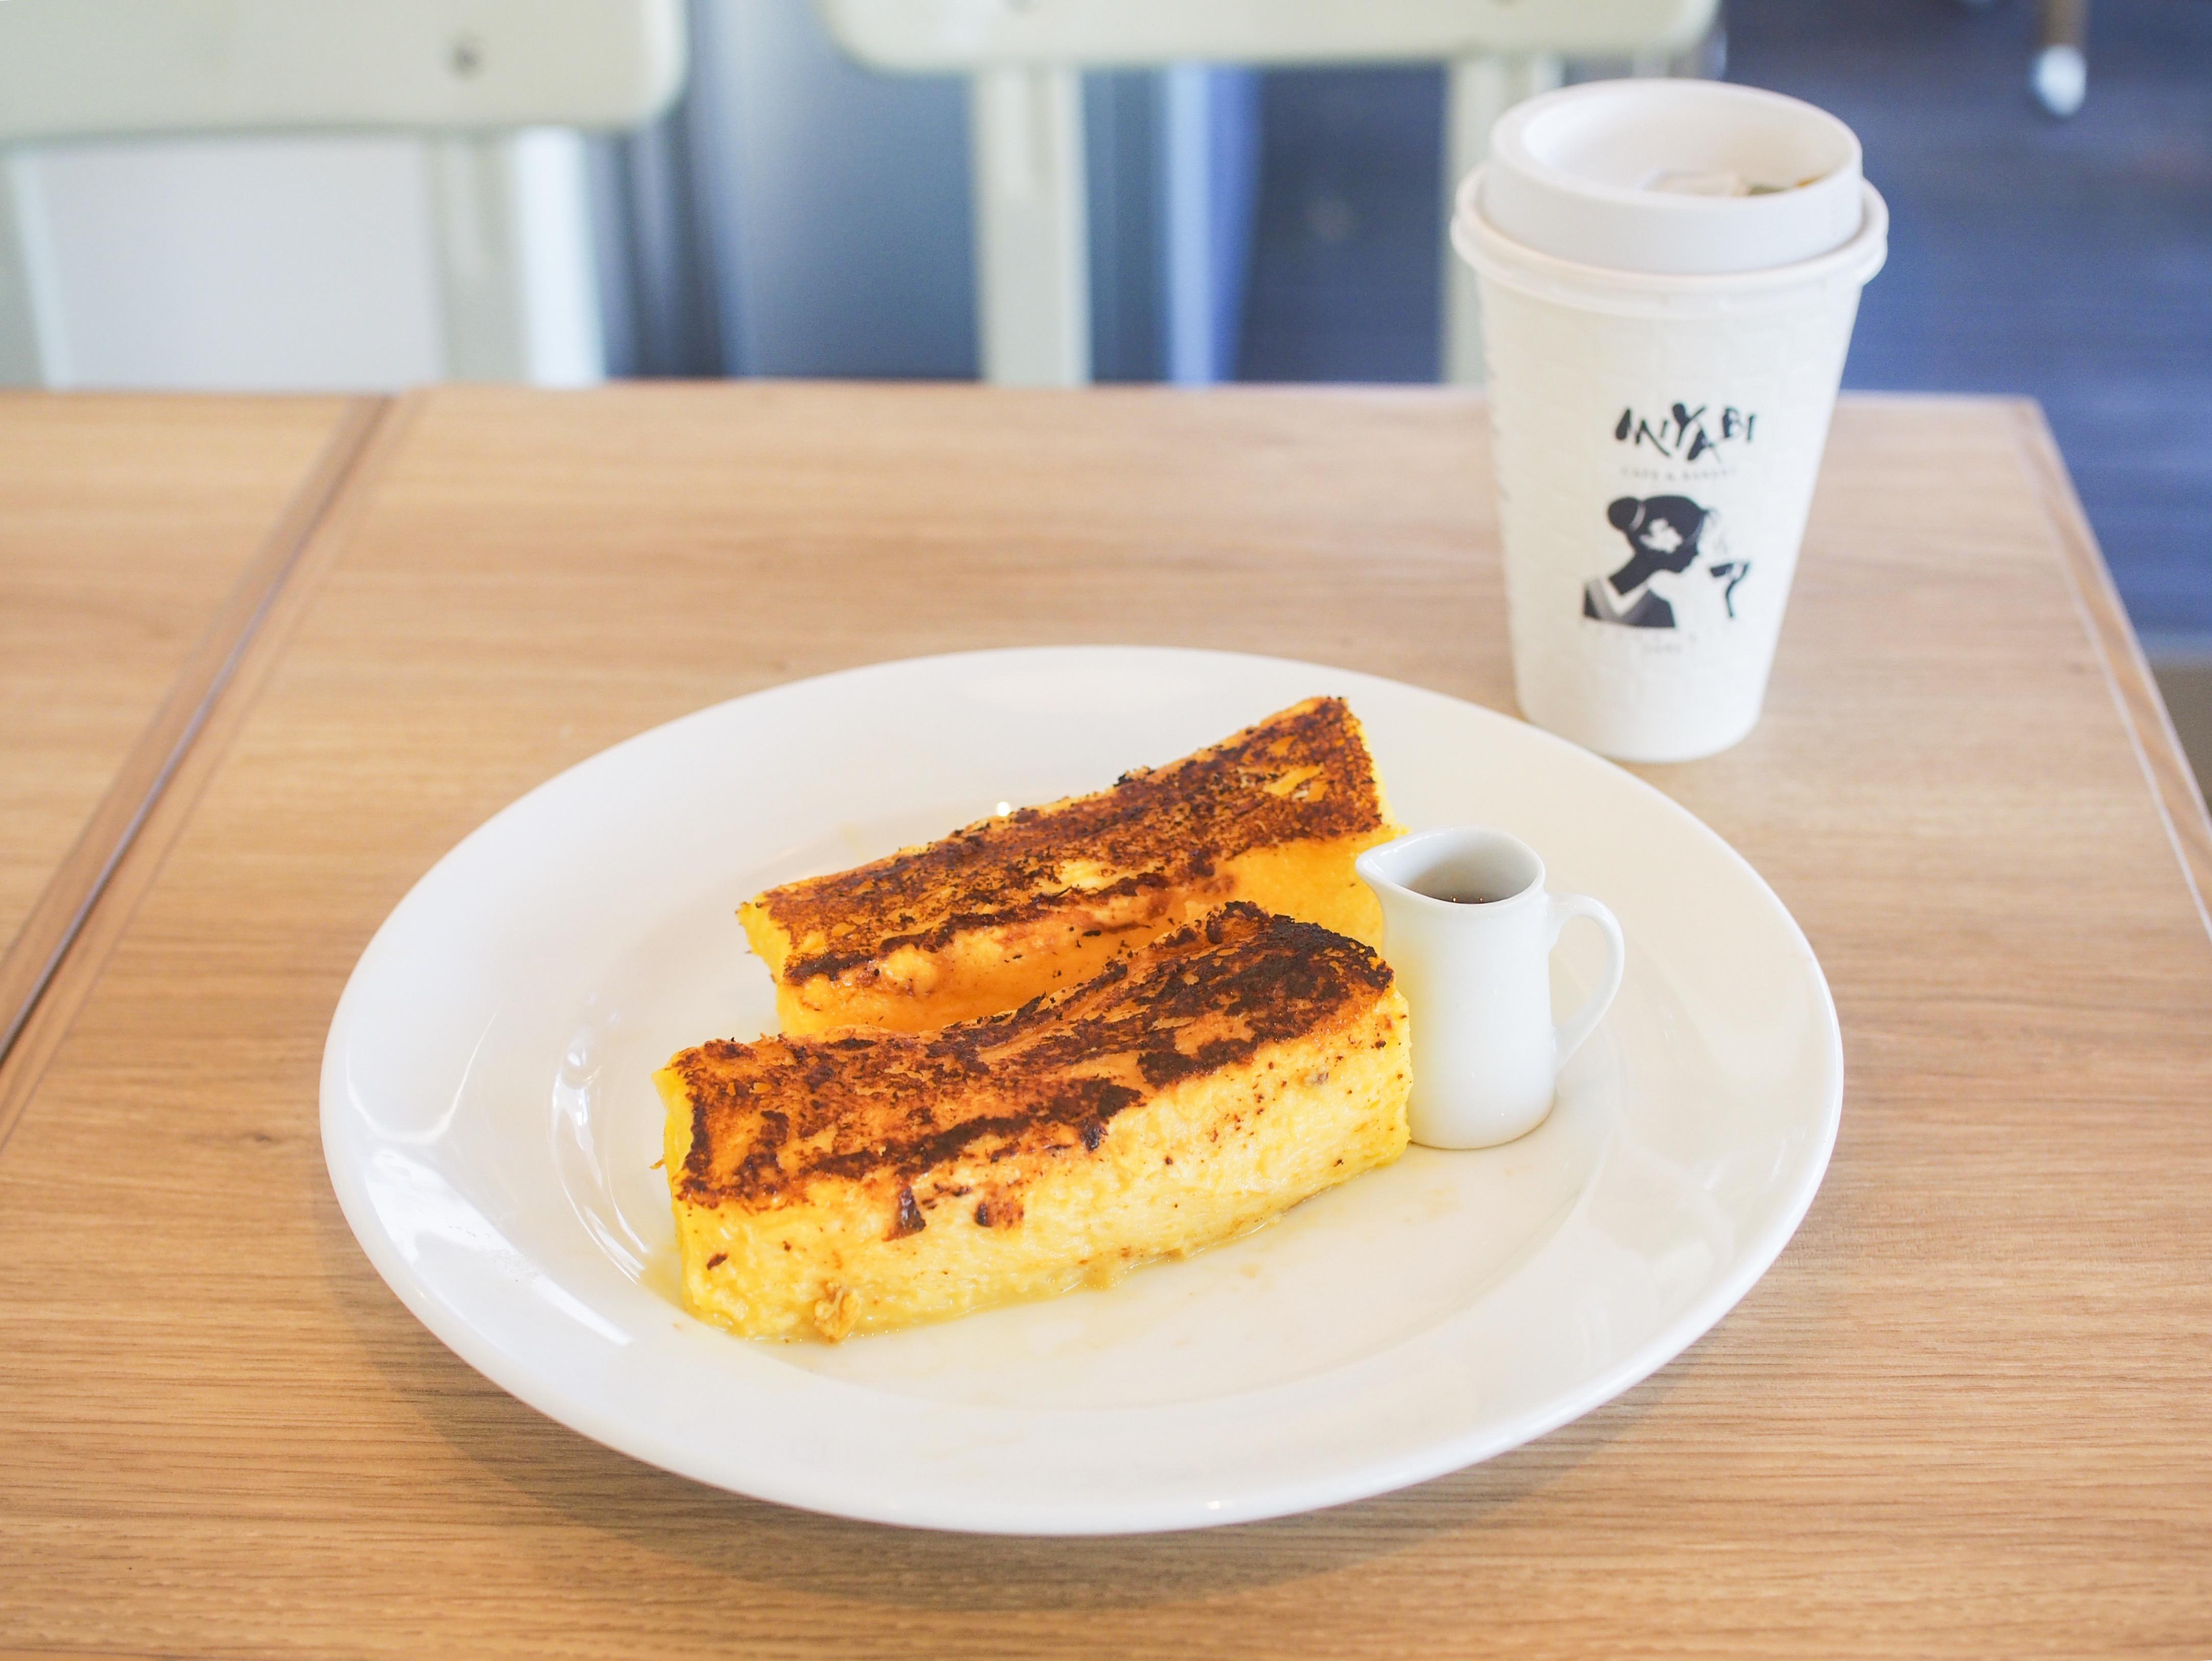 【神谷町】1日20食限定!至極のフレンチトーストを食べてみた